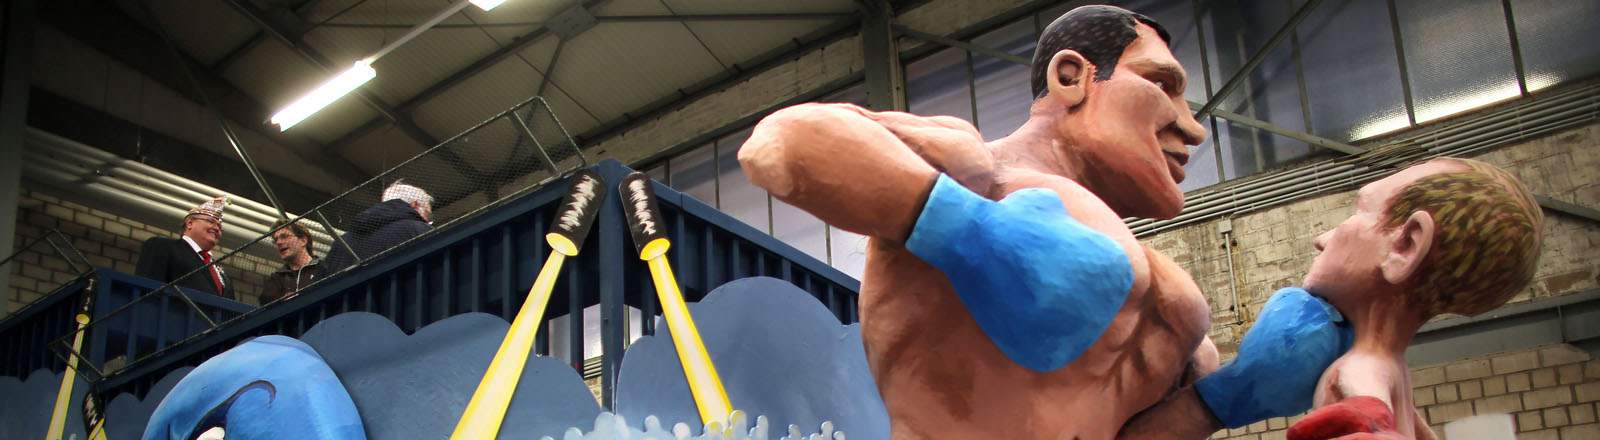 Der Motivwagen des Rosenmontagszuges zeigt am 25.02.2014 in Köln (Nordrhein-Westfalen) den ukrainischen Boxer und Oppositionspolitiker Vitali Klitschko (l) im Kampf gegen den russischen Präsidenten Wladimir Putin.